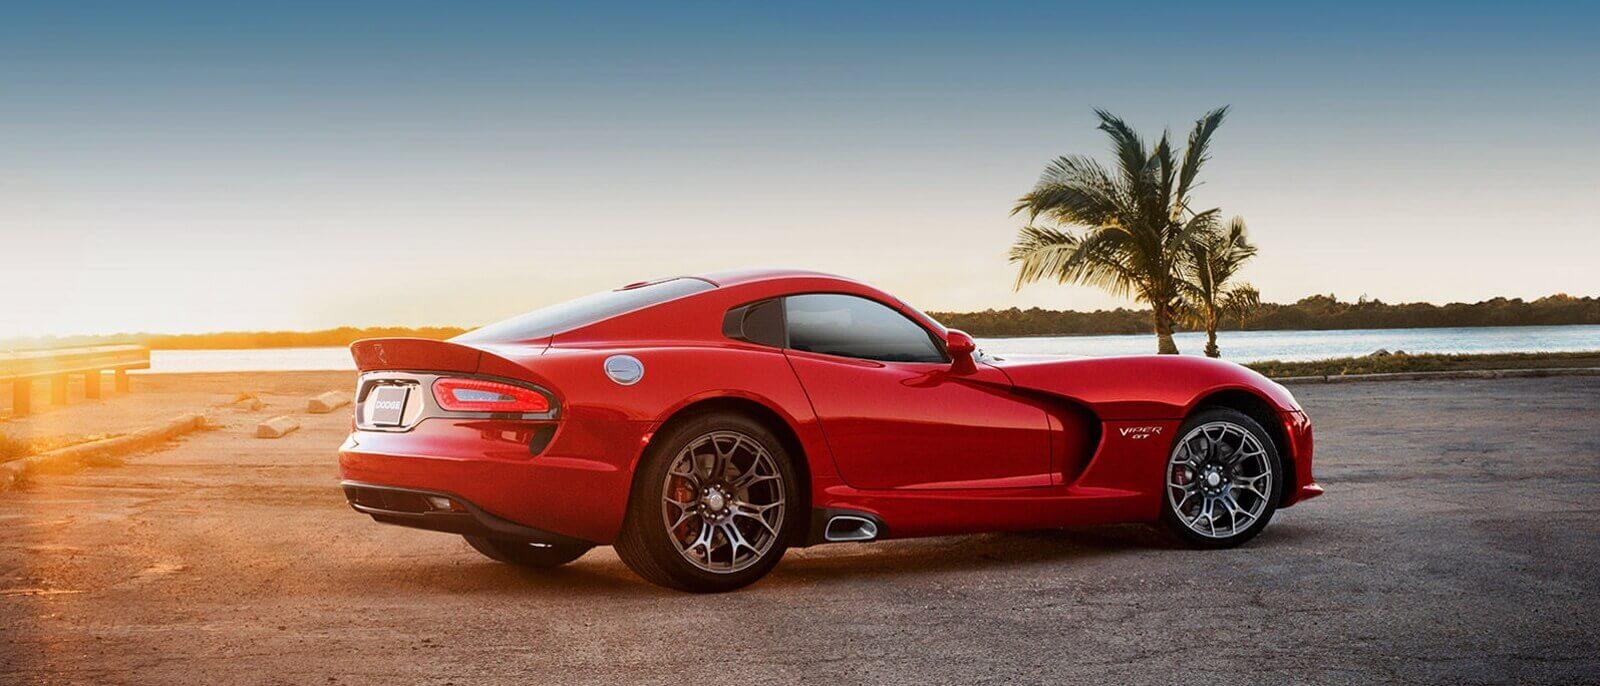 2016 Dodge Viper red